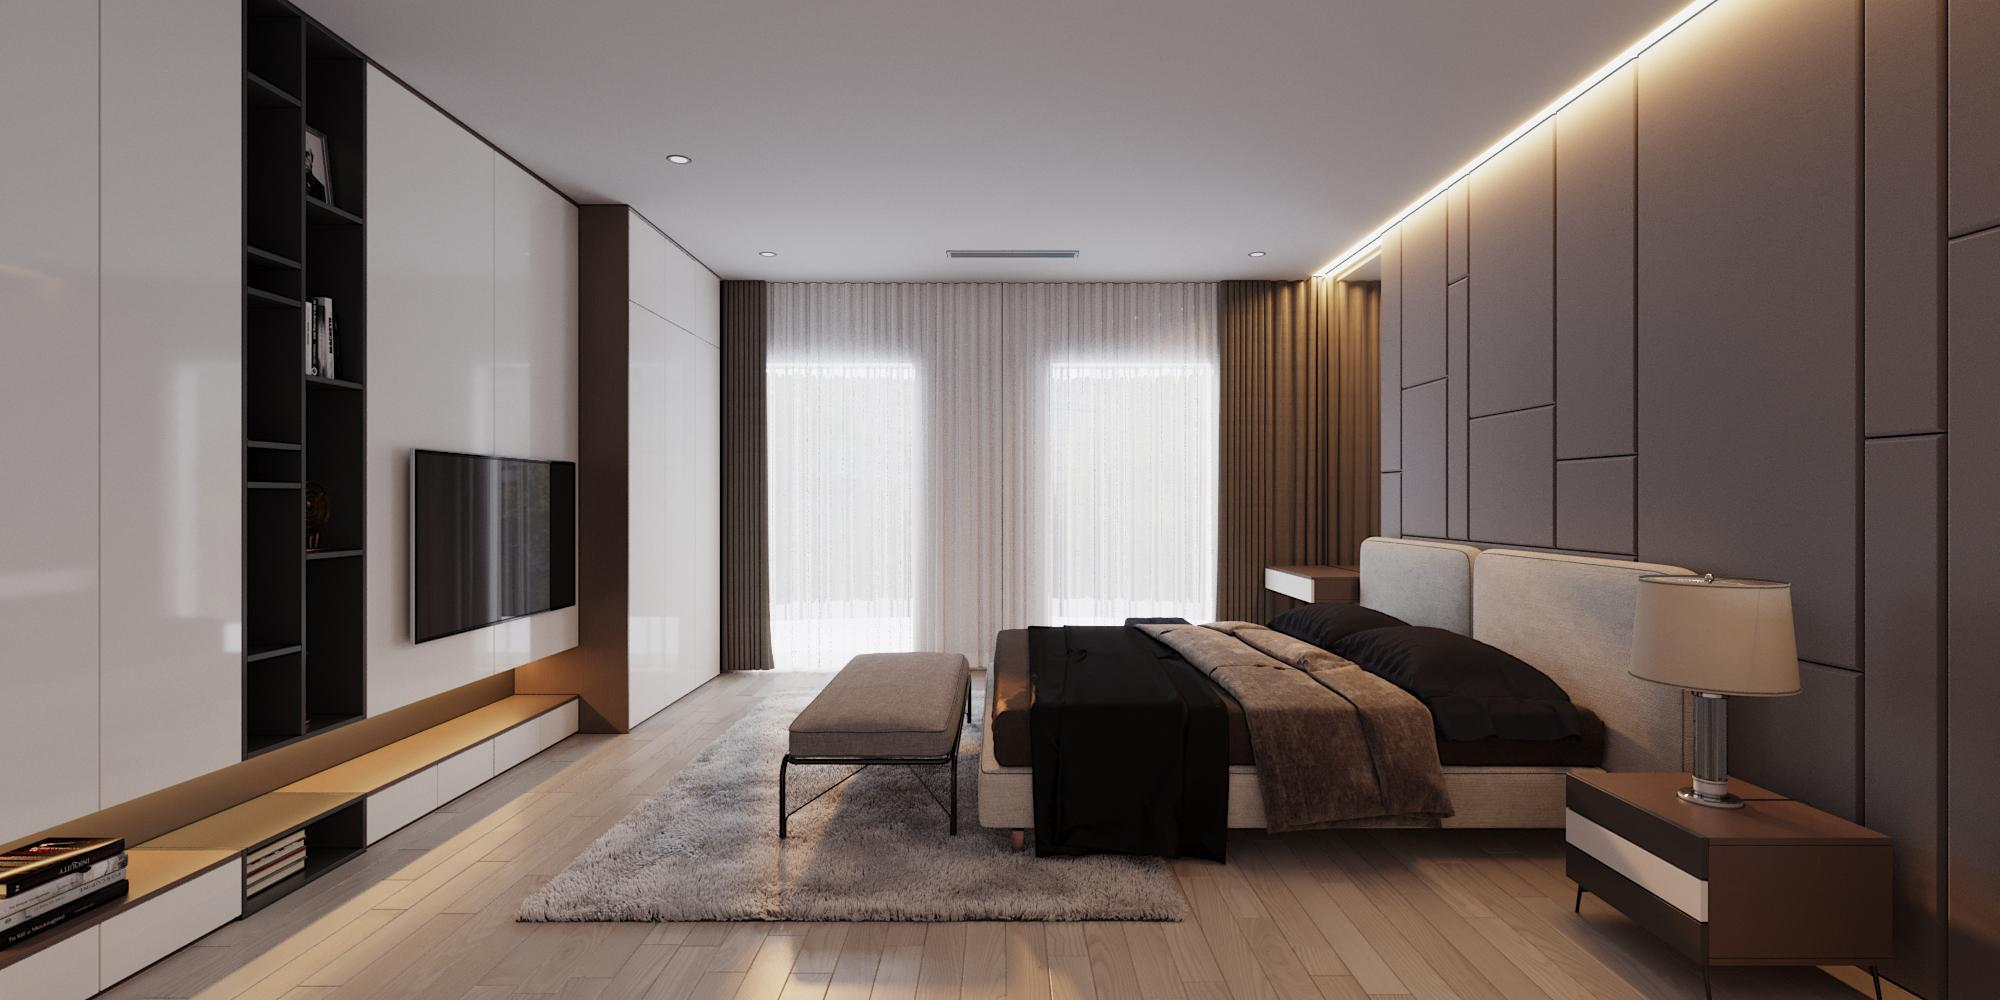 Nội thất phòng ngủ master hiện đại nhà chị Vân – Vinhome Hoà Bình